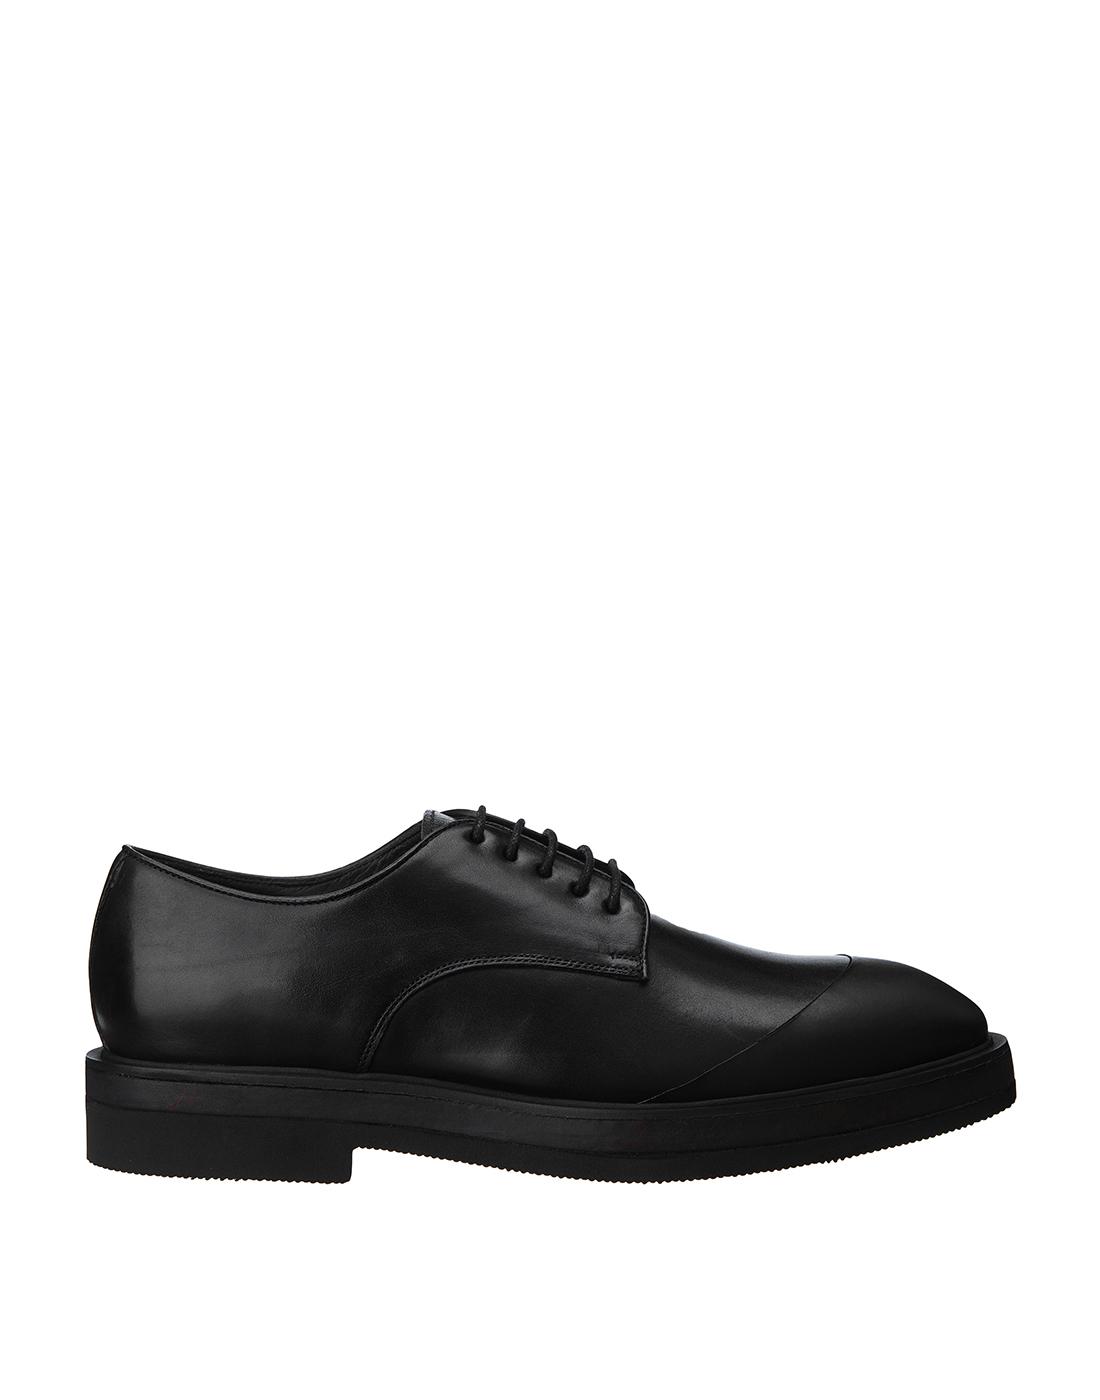 Туфли черные мужские Brecos S8192-1